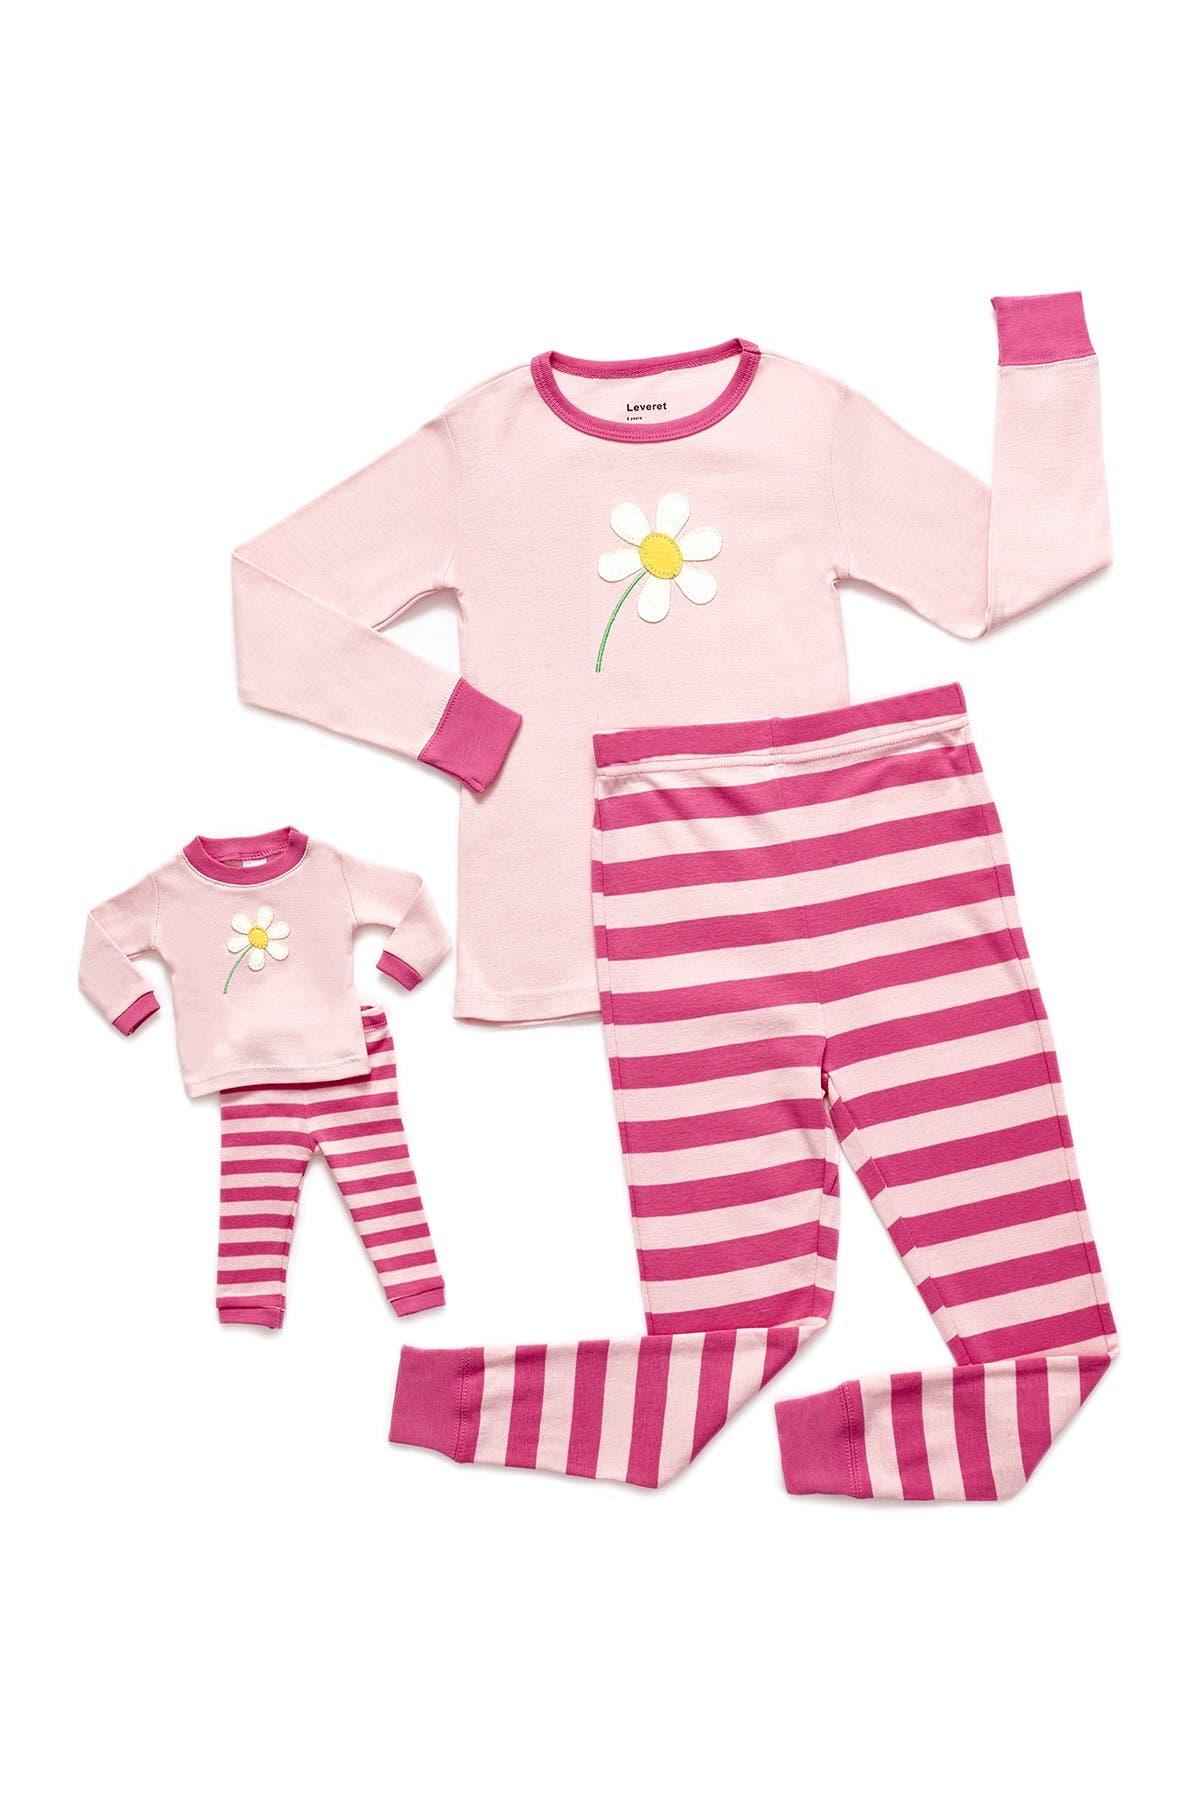 Image of Leveret Flower Pajama & Matching Doll Pajama Set